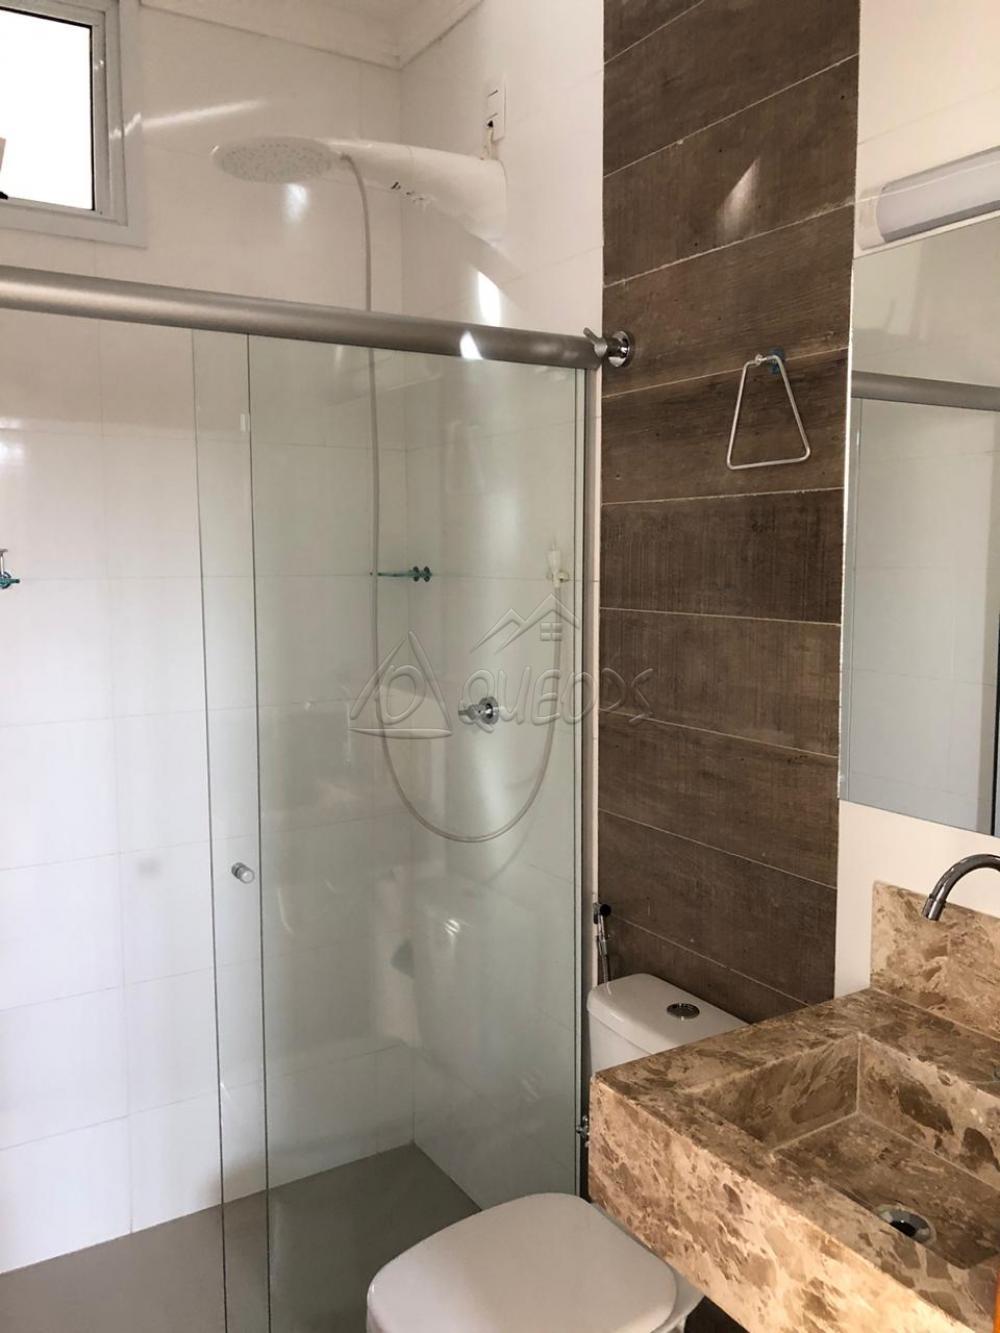 Alugar Apartamento / Padrão em Barretos apenas R$ 2.500,00 - Foto 6